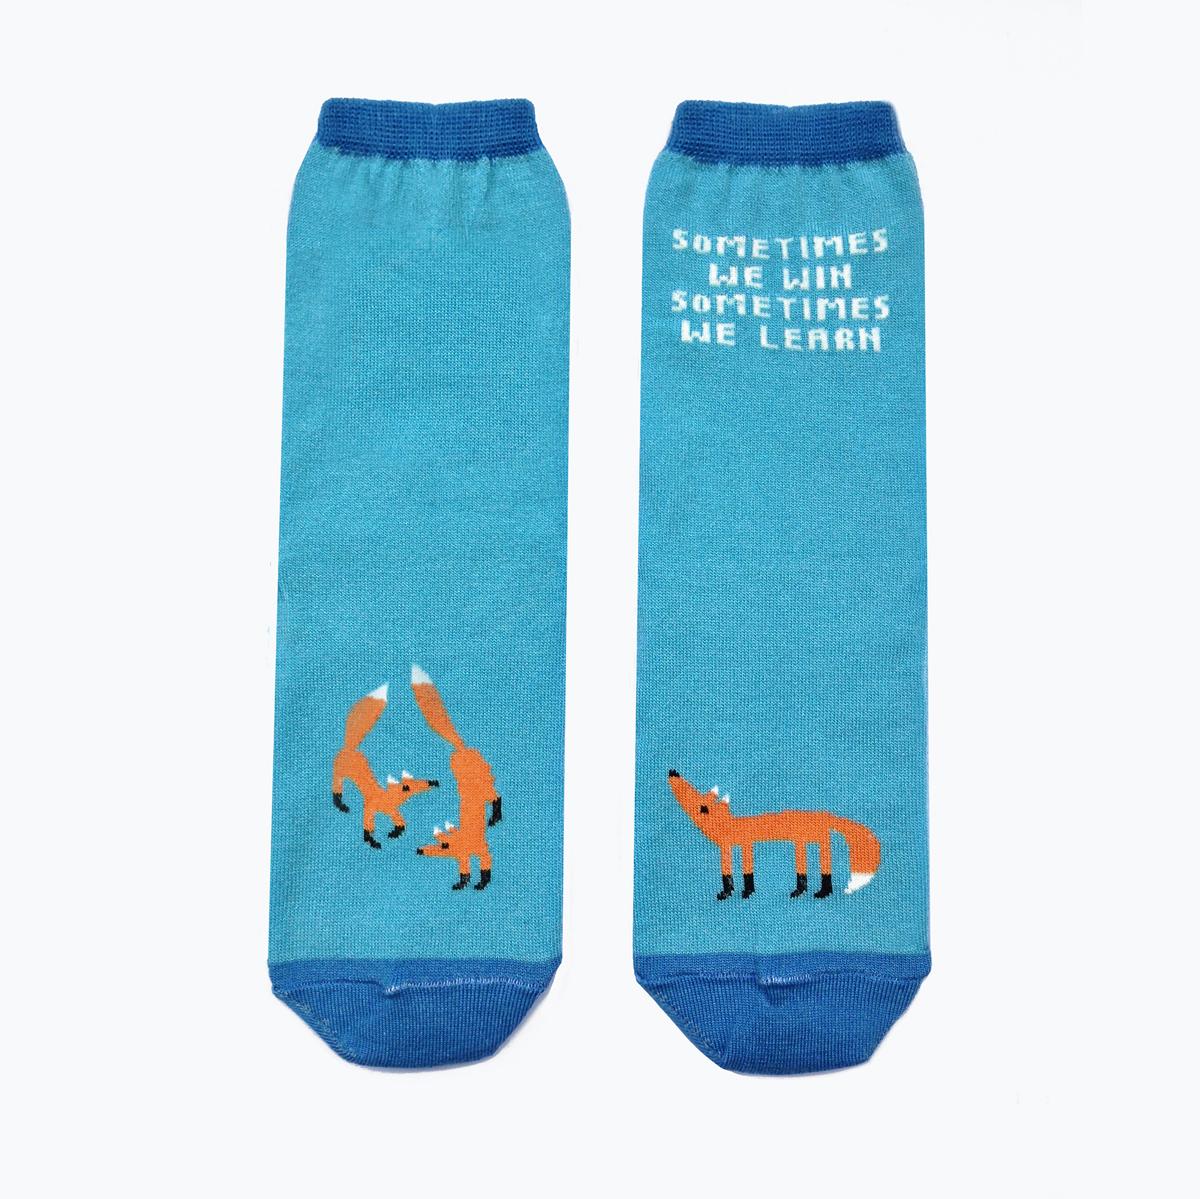 Носки женские Big Bang Socks, цвет: голубой, темно-бирюзовый. ca1123. Размер 35/39ca1123Яркие женские носки Big Bang Socks изготовлены из высококачественного хлопка с добавлением полиамидных и эластановых волокон, которые обеспечивают великолепную посадку. Носки отличаются ярким стильным дизайном. Они оформлены изображением лисы и надписью на английском языке. Удобная резинка идеально облегает ногу и не пережимает сосуды, усиленные пятка и мысок повышают износоустойчивость носка, а удлиненный паголенок придает более эстетичный вид. Дизайнерские носки Big Bang Socks - яркая деталь в вашем образе и оригинальный подарок для друзей и близких.